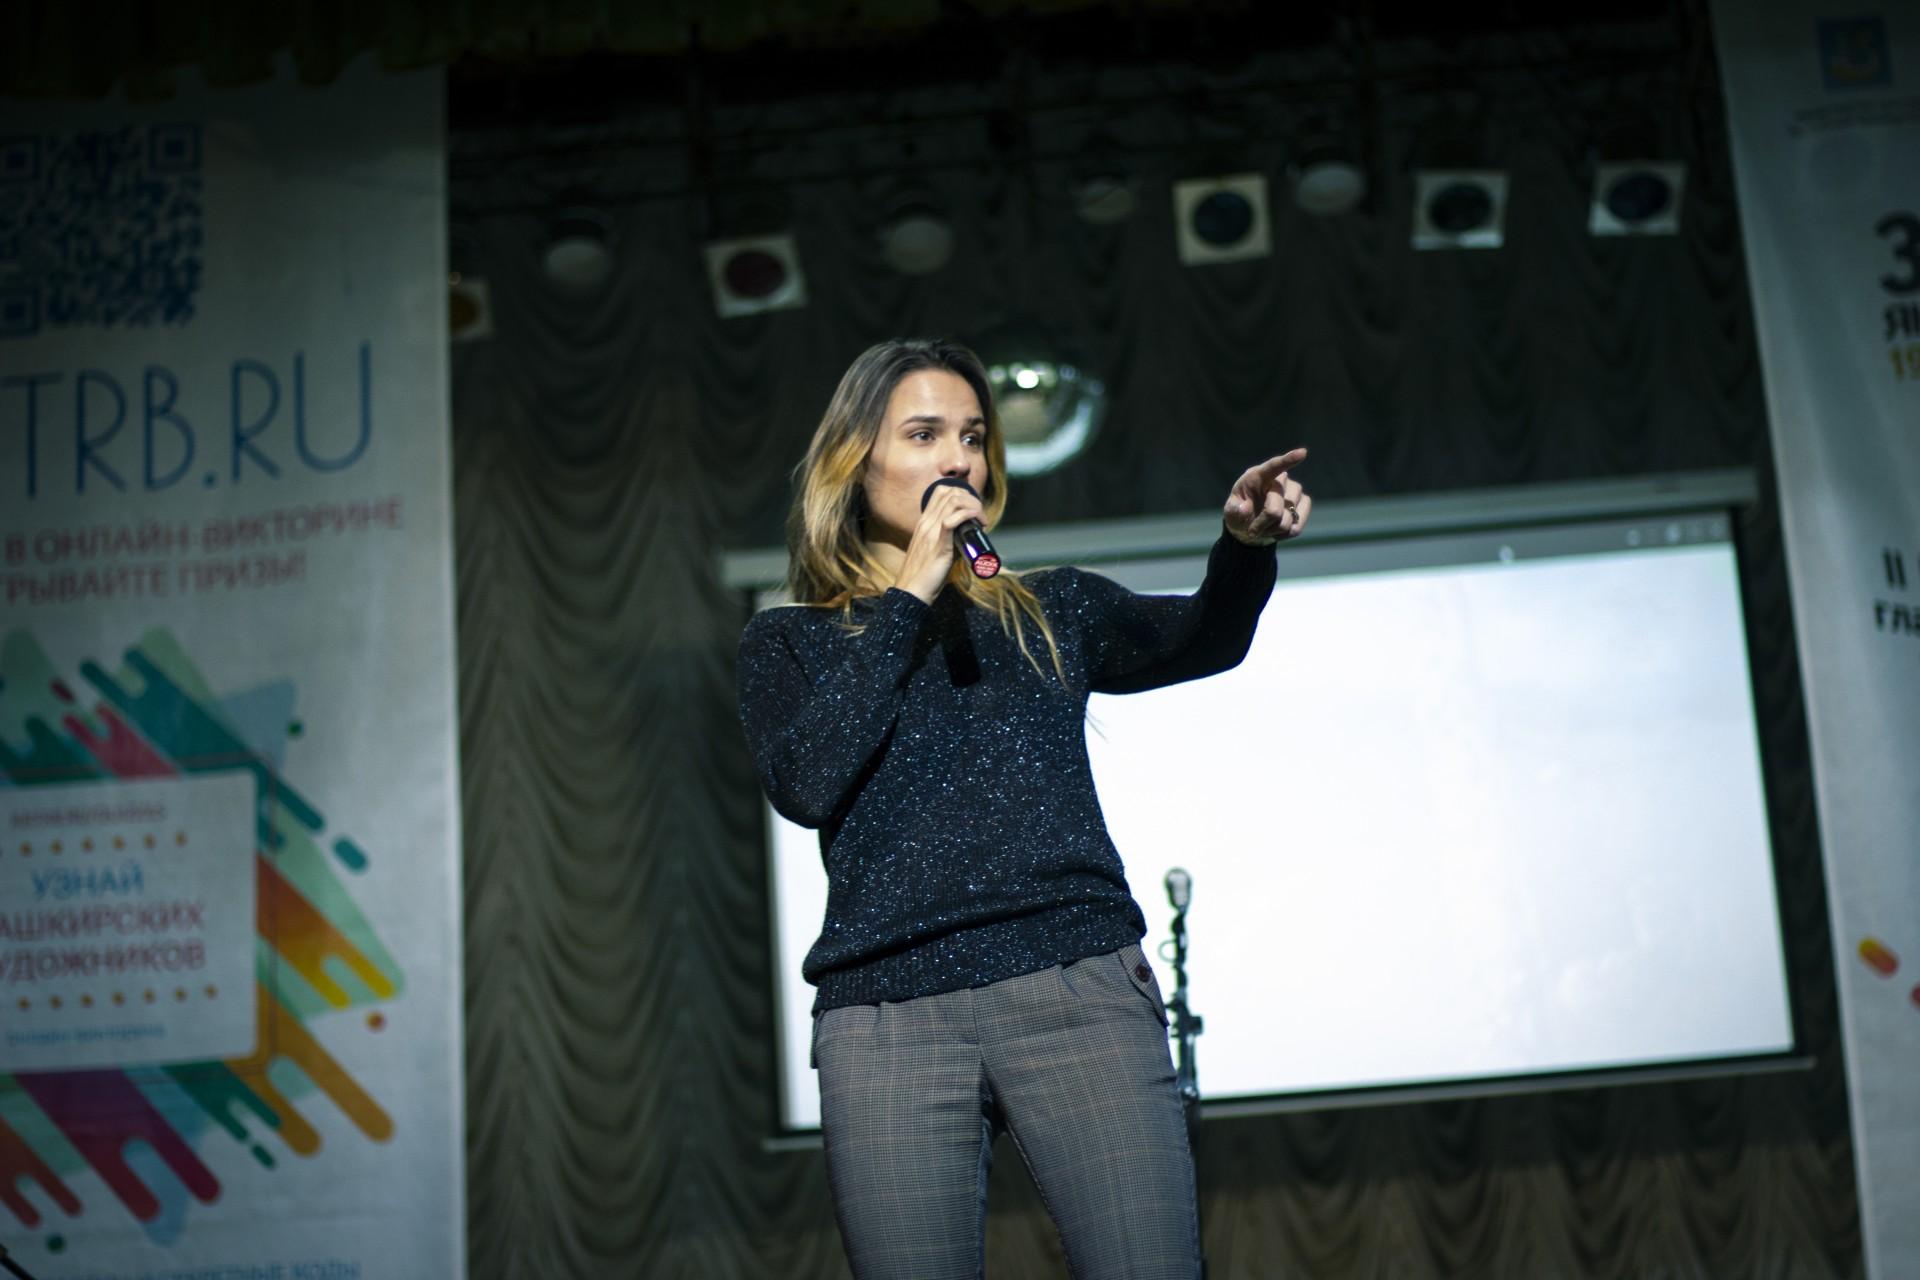 Художественный тур проекта №17 – встреча с художниками в Языково